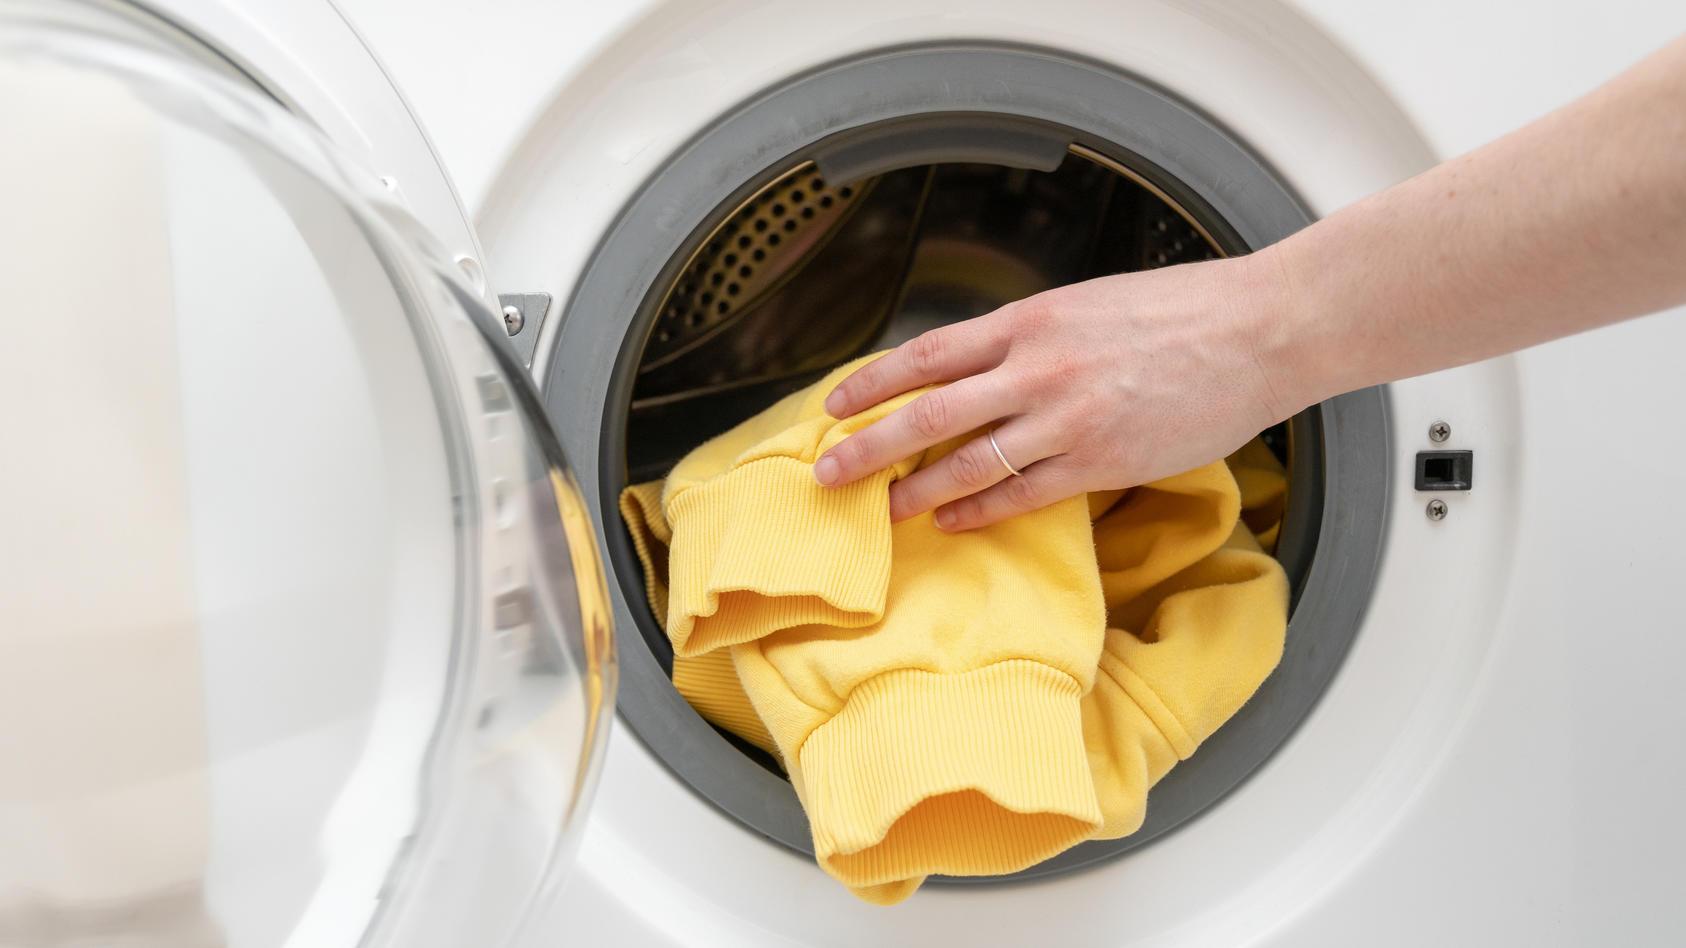 Beim Waschen von Sportkleidung gibt es einige Dinge, auf die man achten sollte.